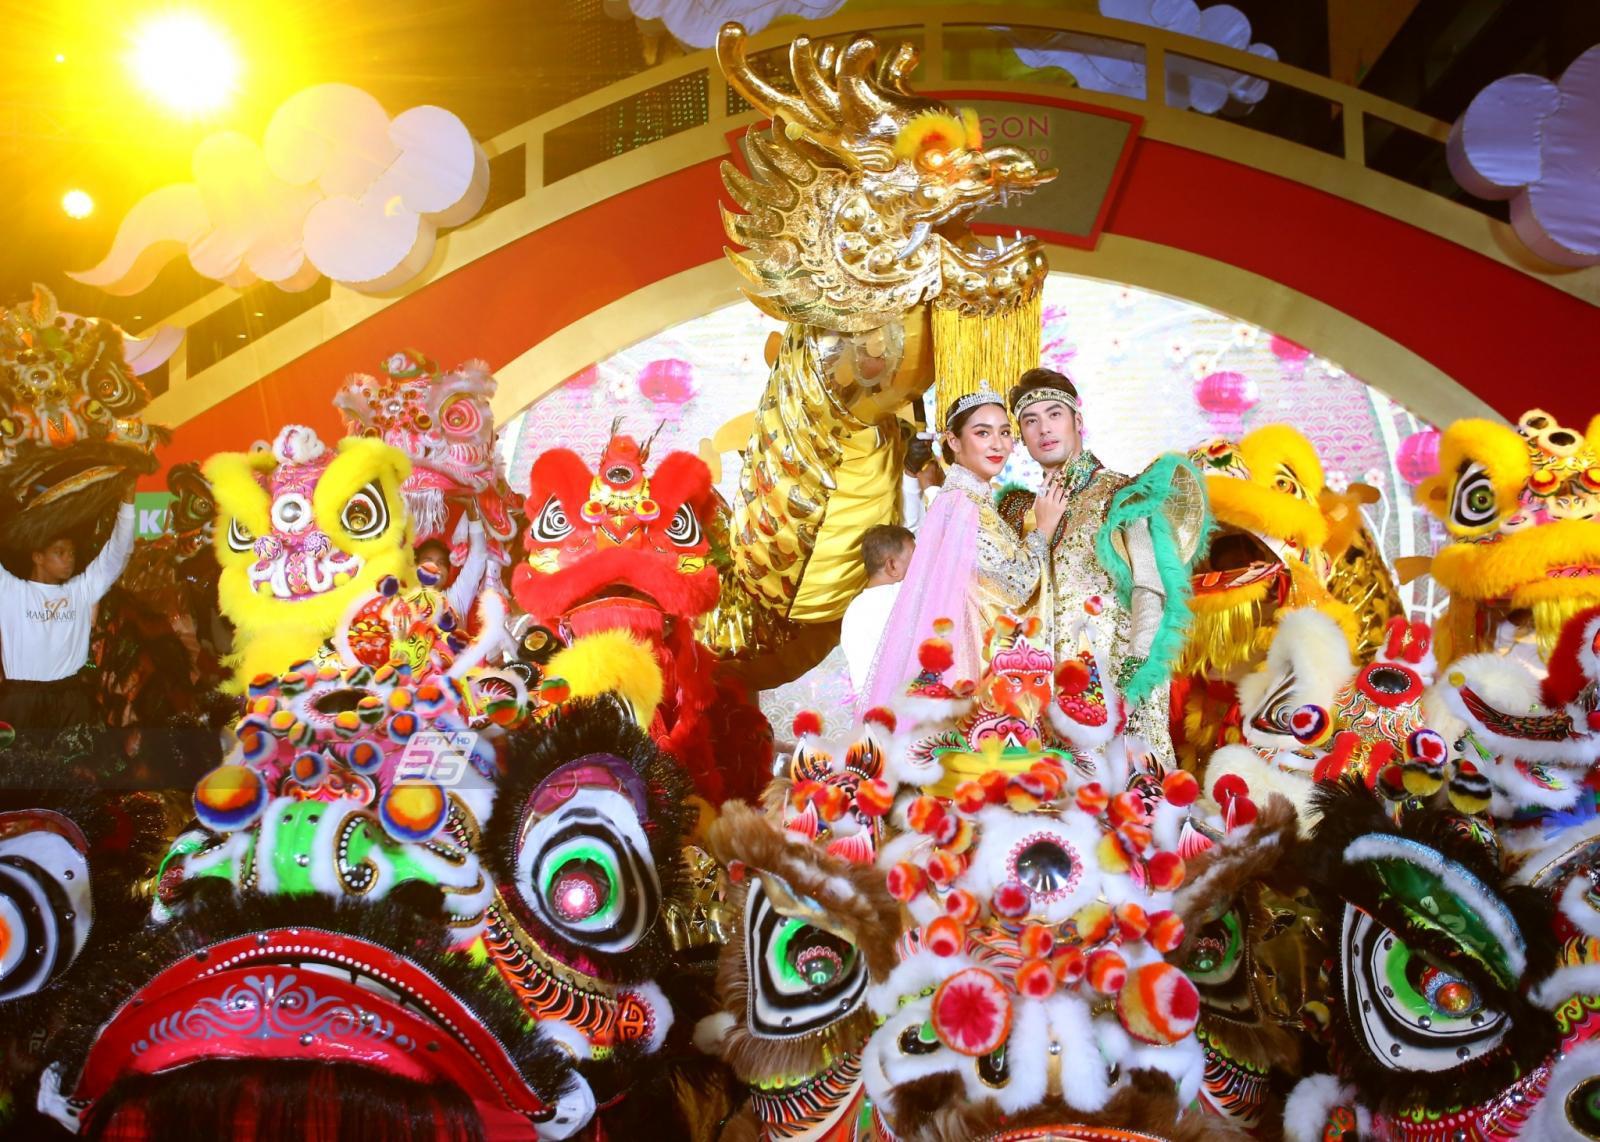 """พารากอน จัดใหญ่ """"ตรุษจีนปีหนูทอง"""" เฉลิมฉลองเทศกาลมหามงคลแห่งความรุ่งโรจน์"""